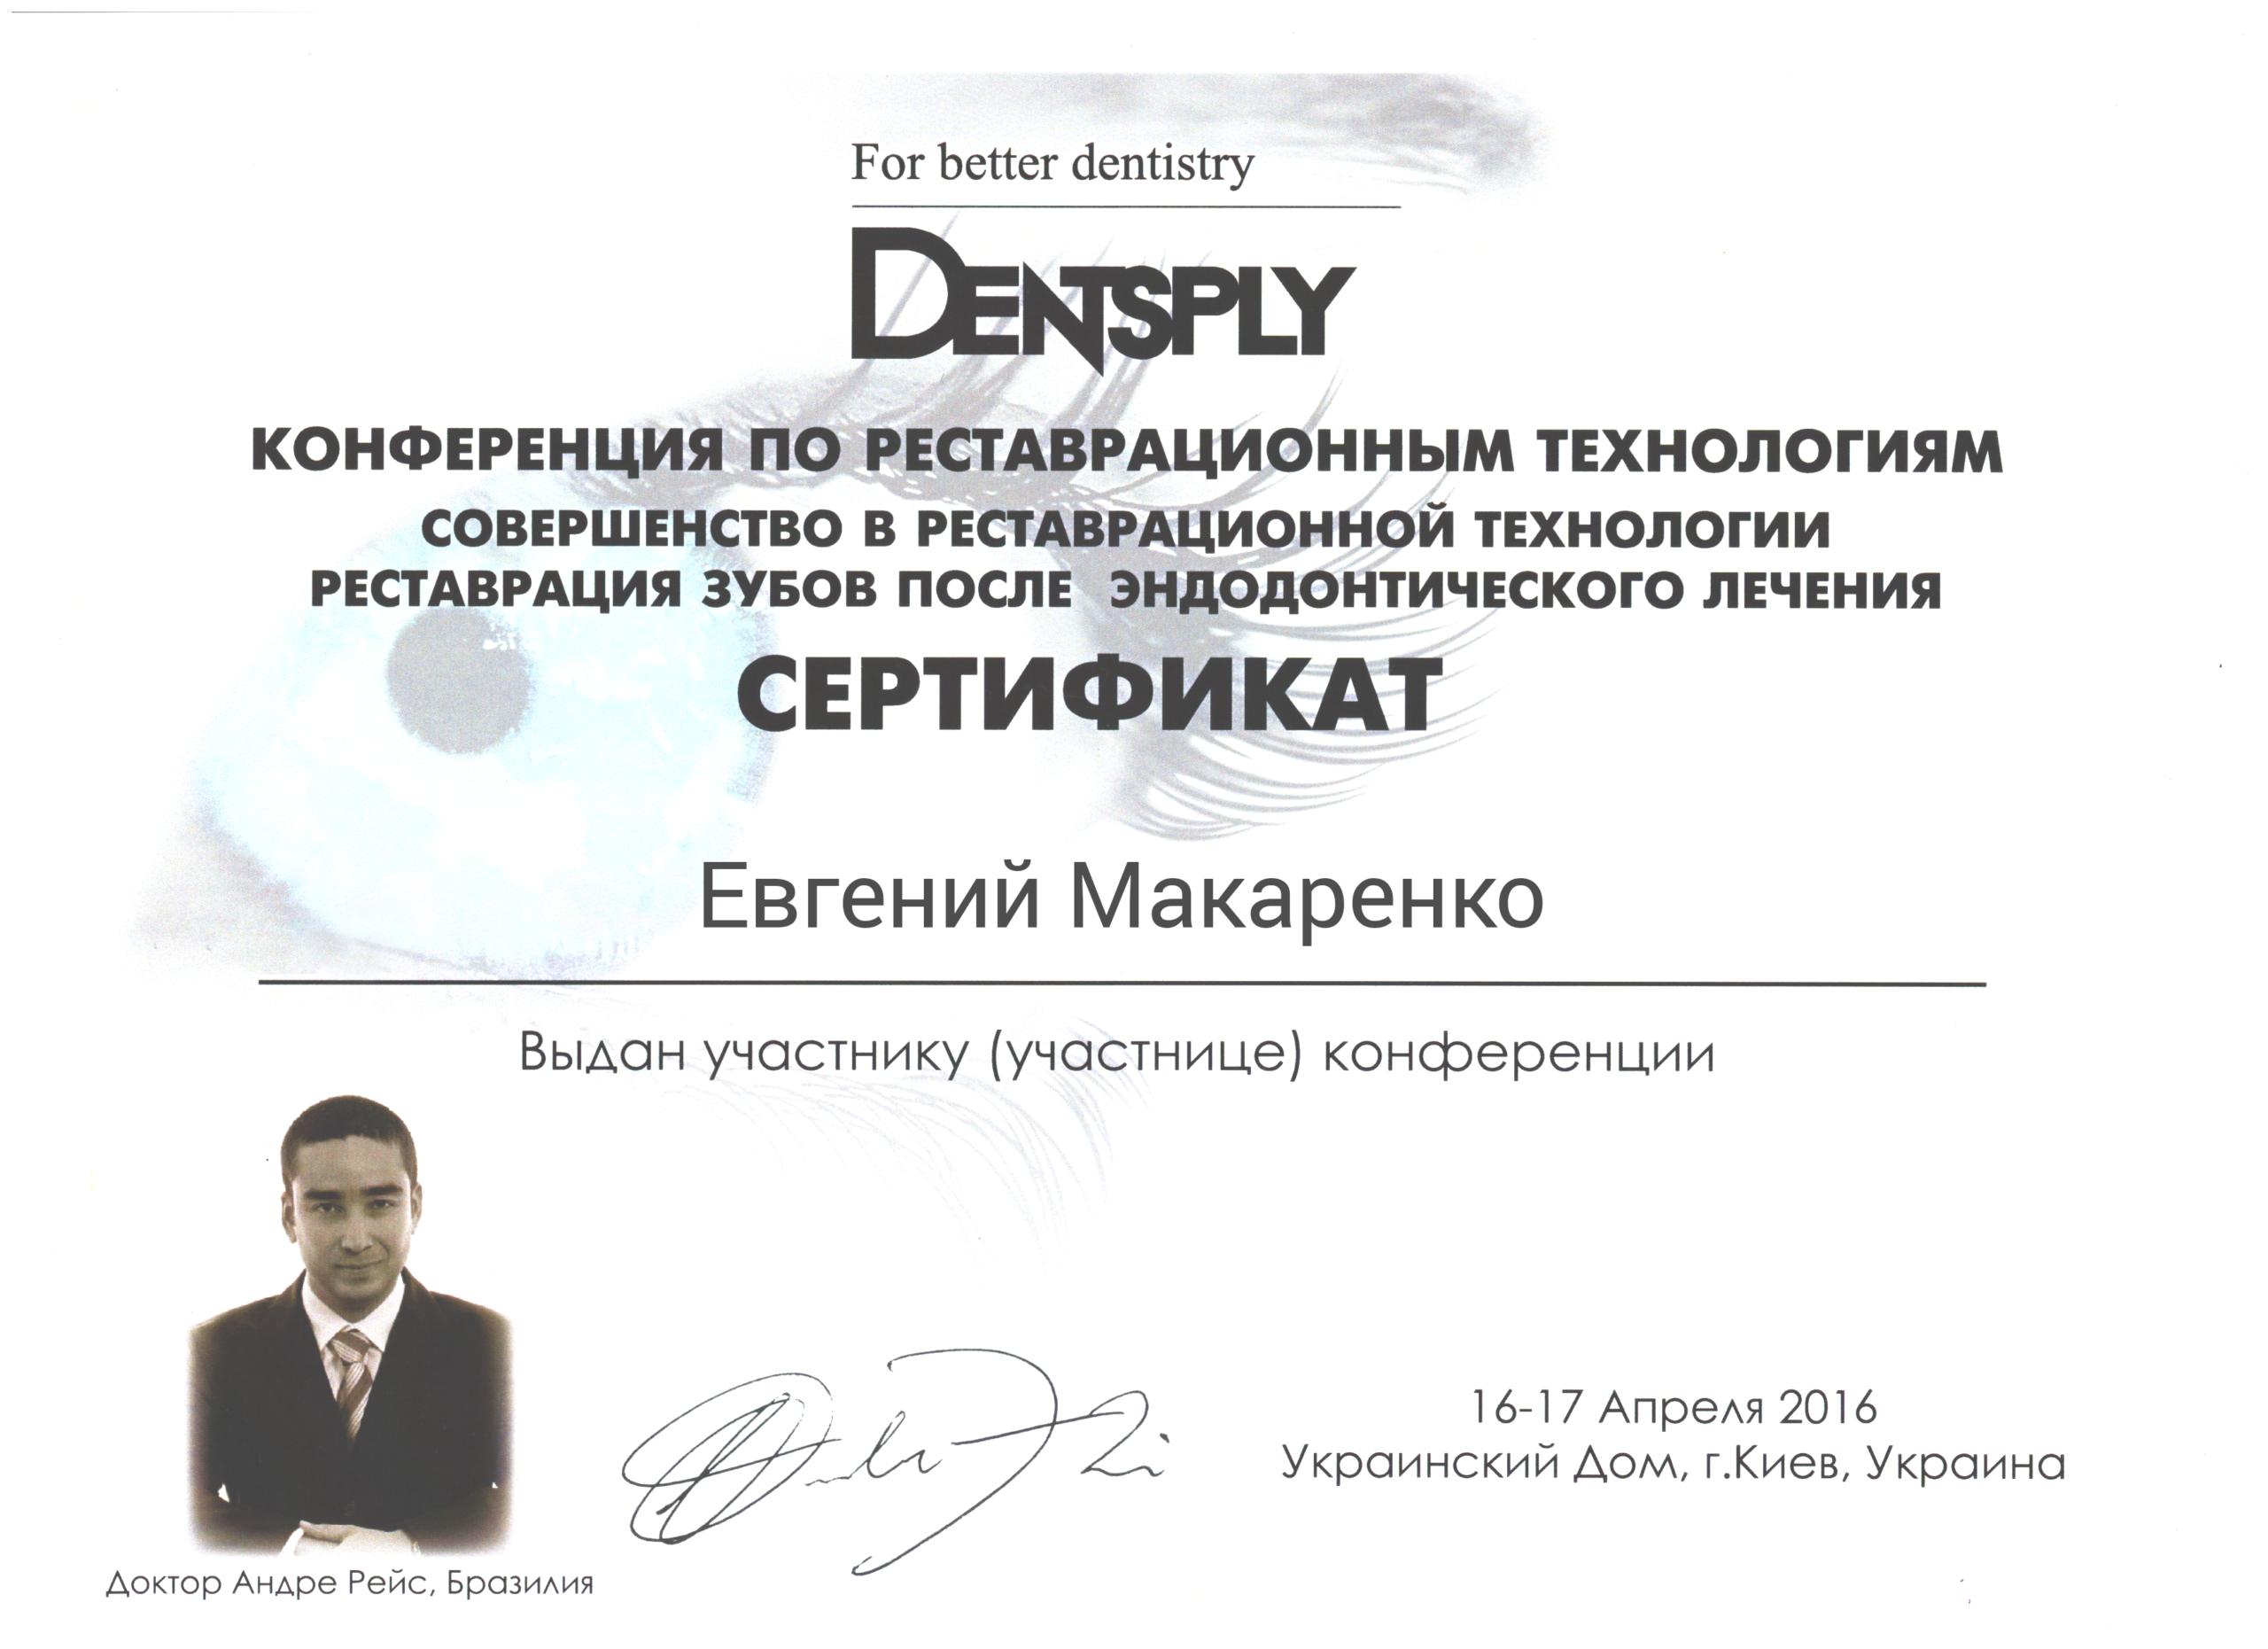 EvgeniyMakarenko3 scaled - Евгений Макаренко